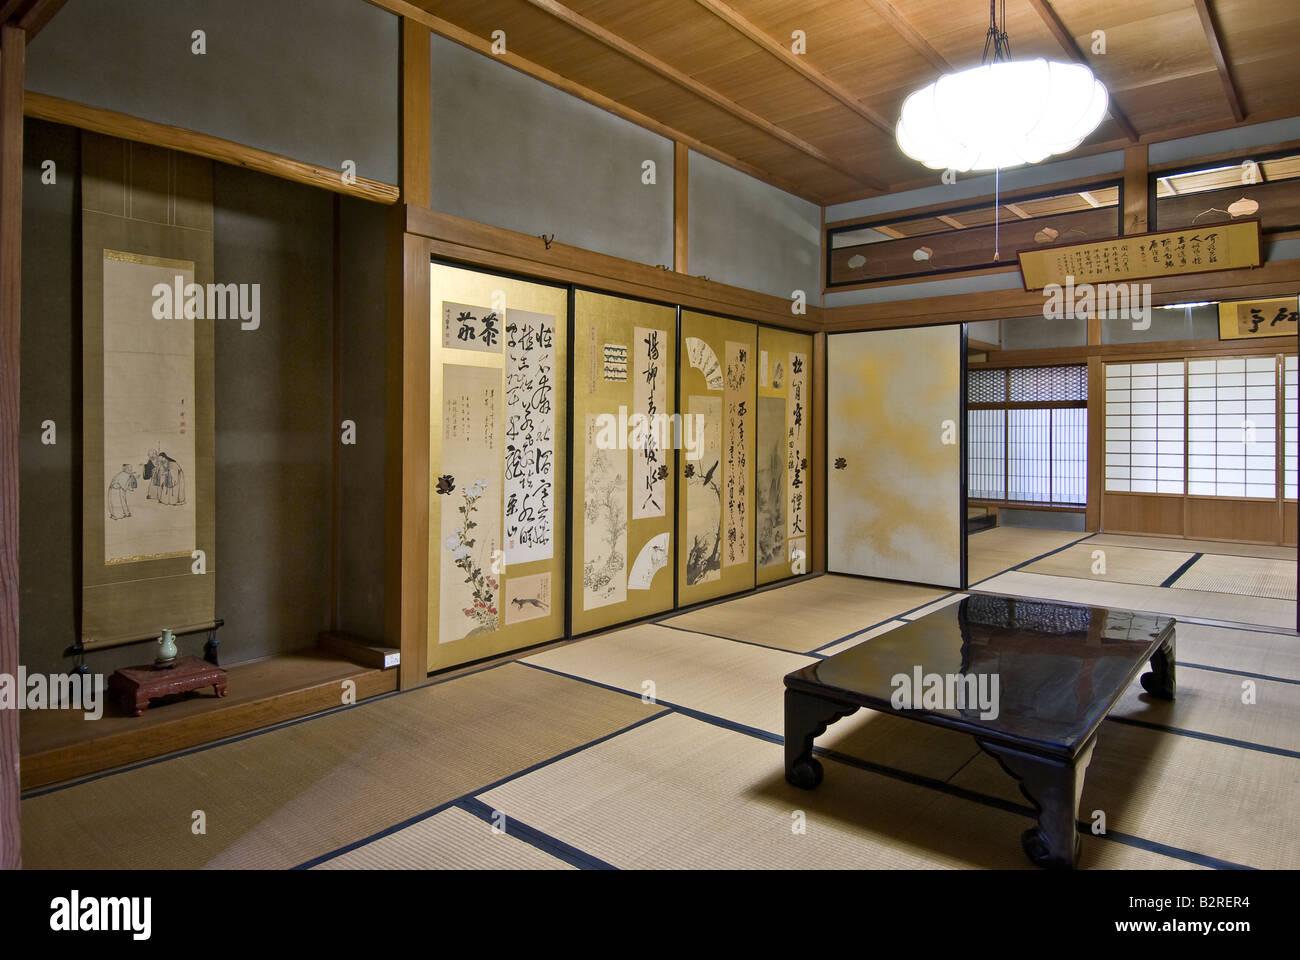 Interieur Maison Japonaise Traditionnelle le japon, kyoto, maison traditionnelle de l'intérieur